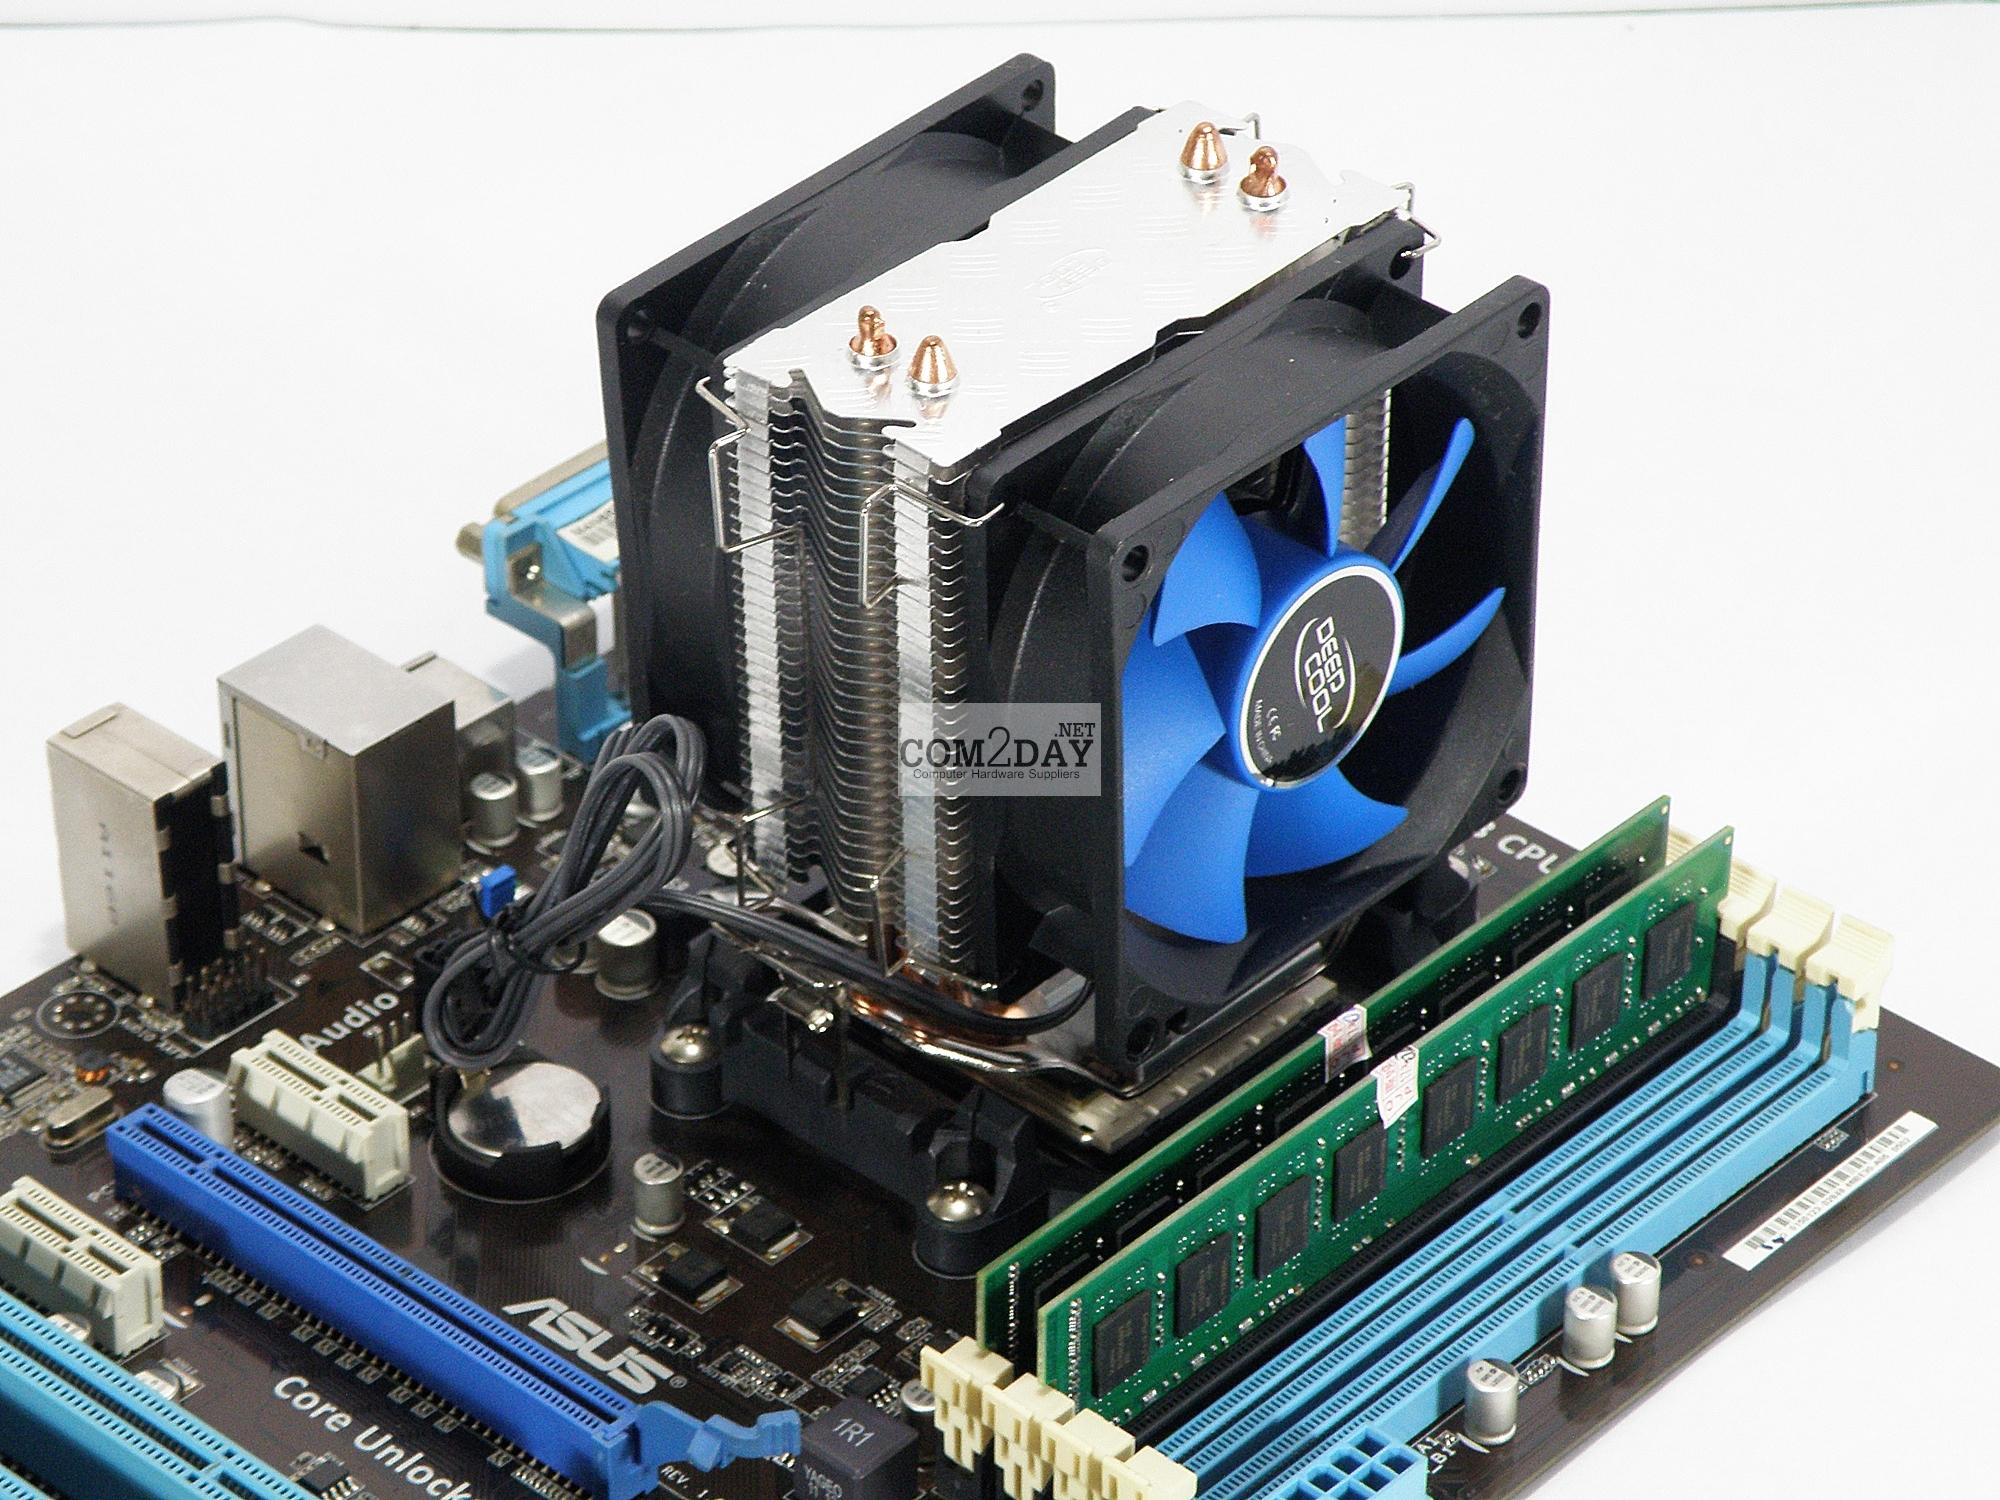 ชุด X4 640, DDR3 8GB